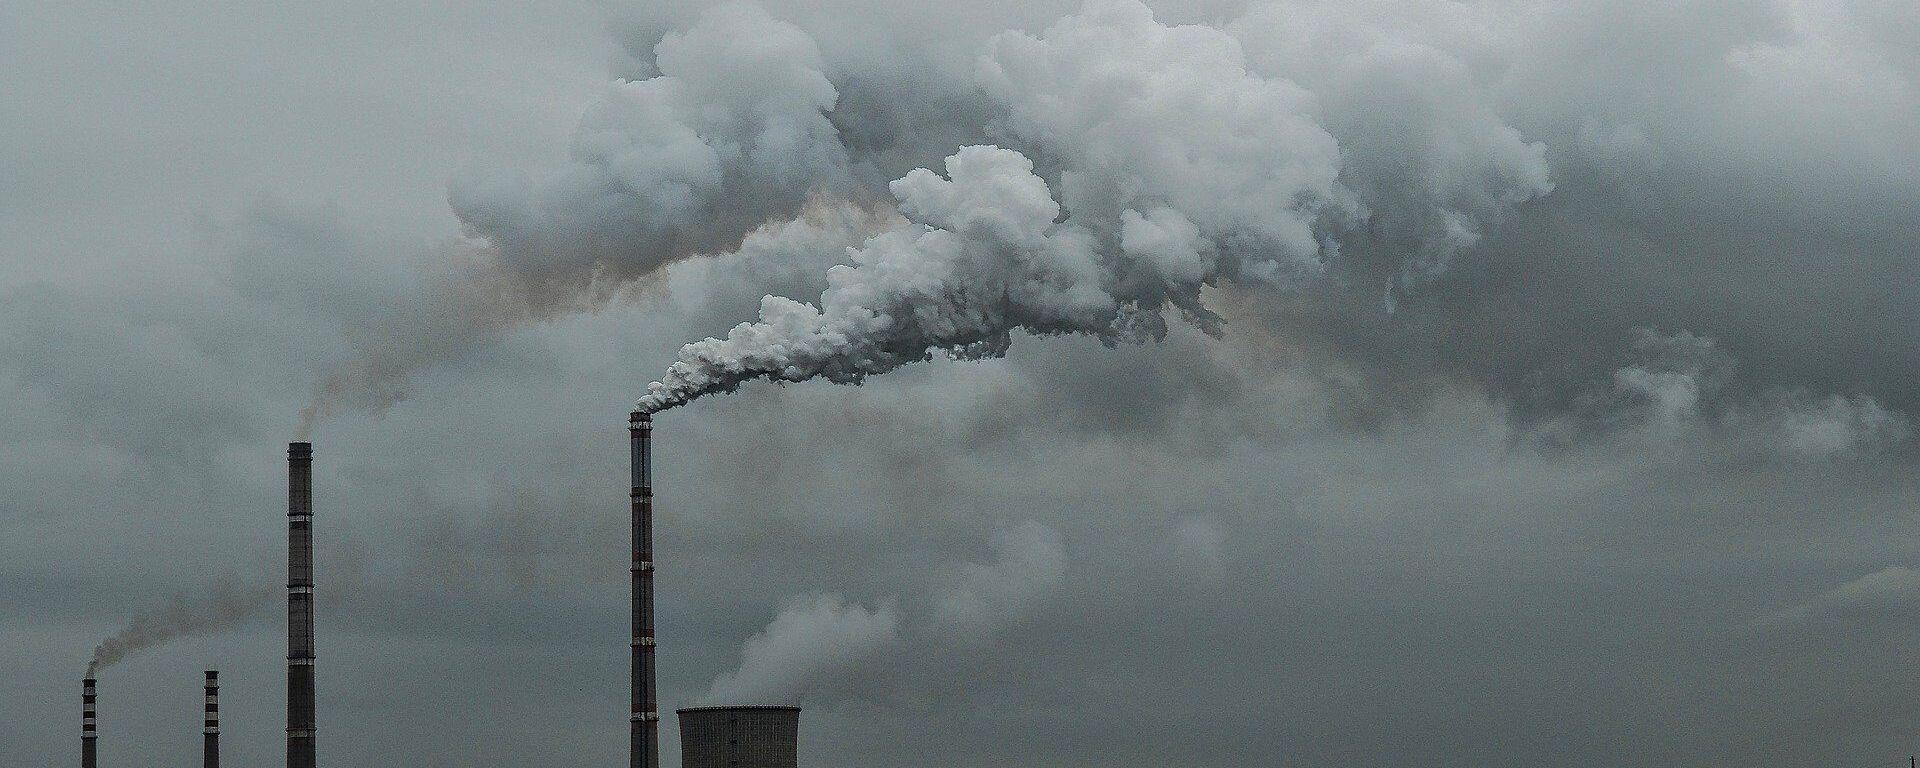 Las emisiones del dióxido de carbono  - Sputnik Mundo, 1920, 27.08.2020